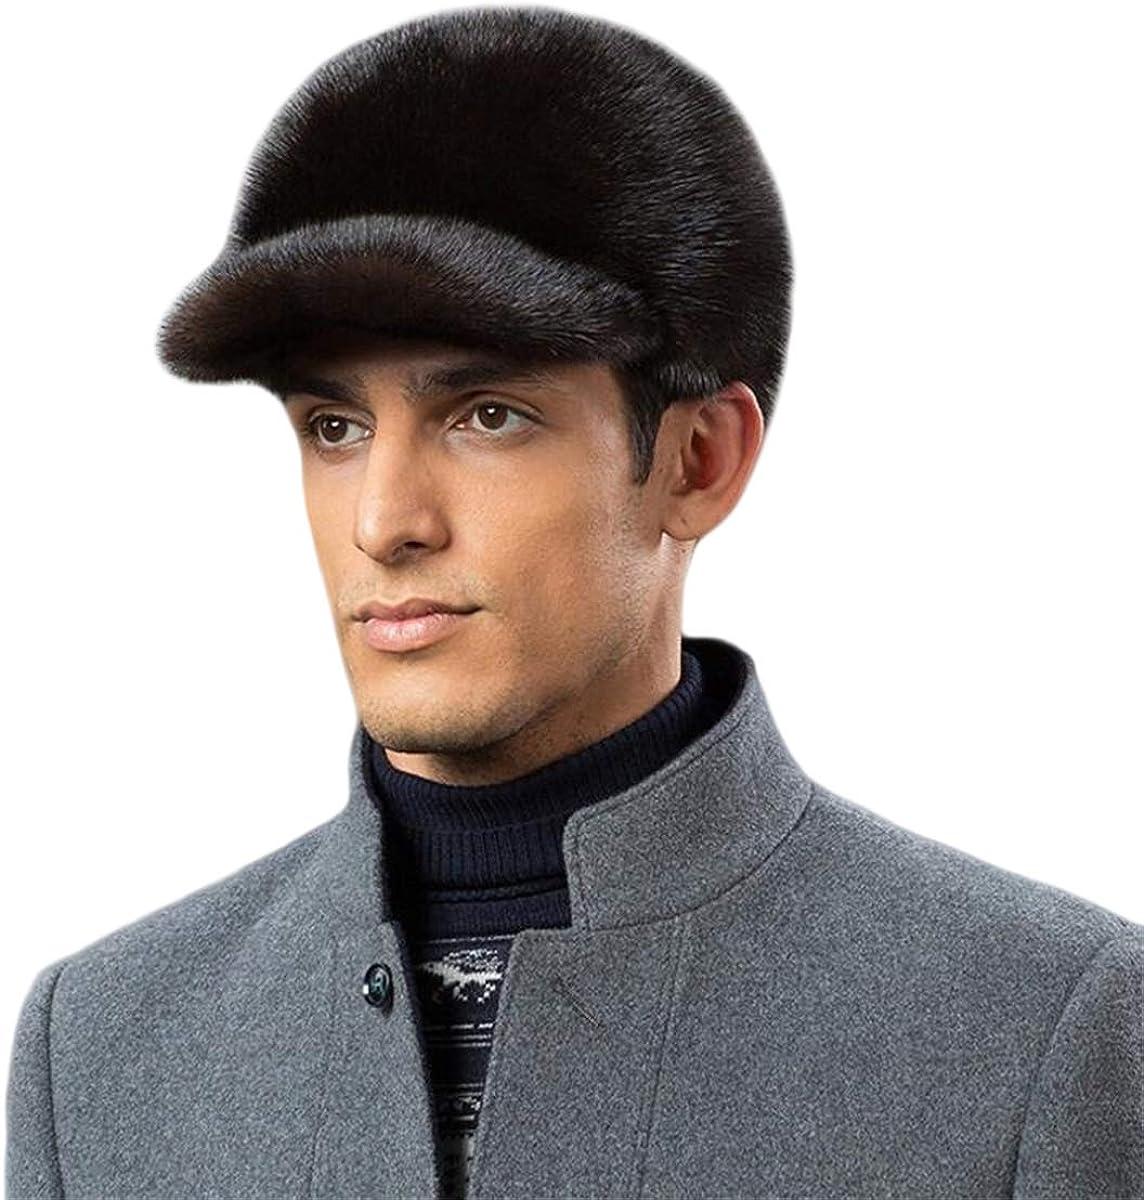 KAISHIN Winter Top Grade Peaked Caps Real Fur Visors Hats for Men Full-pelt Mink Fur Casquette